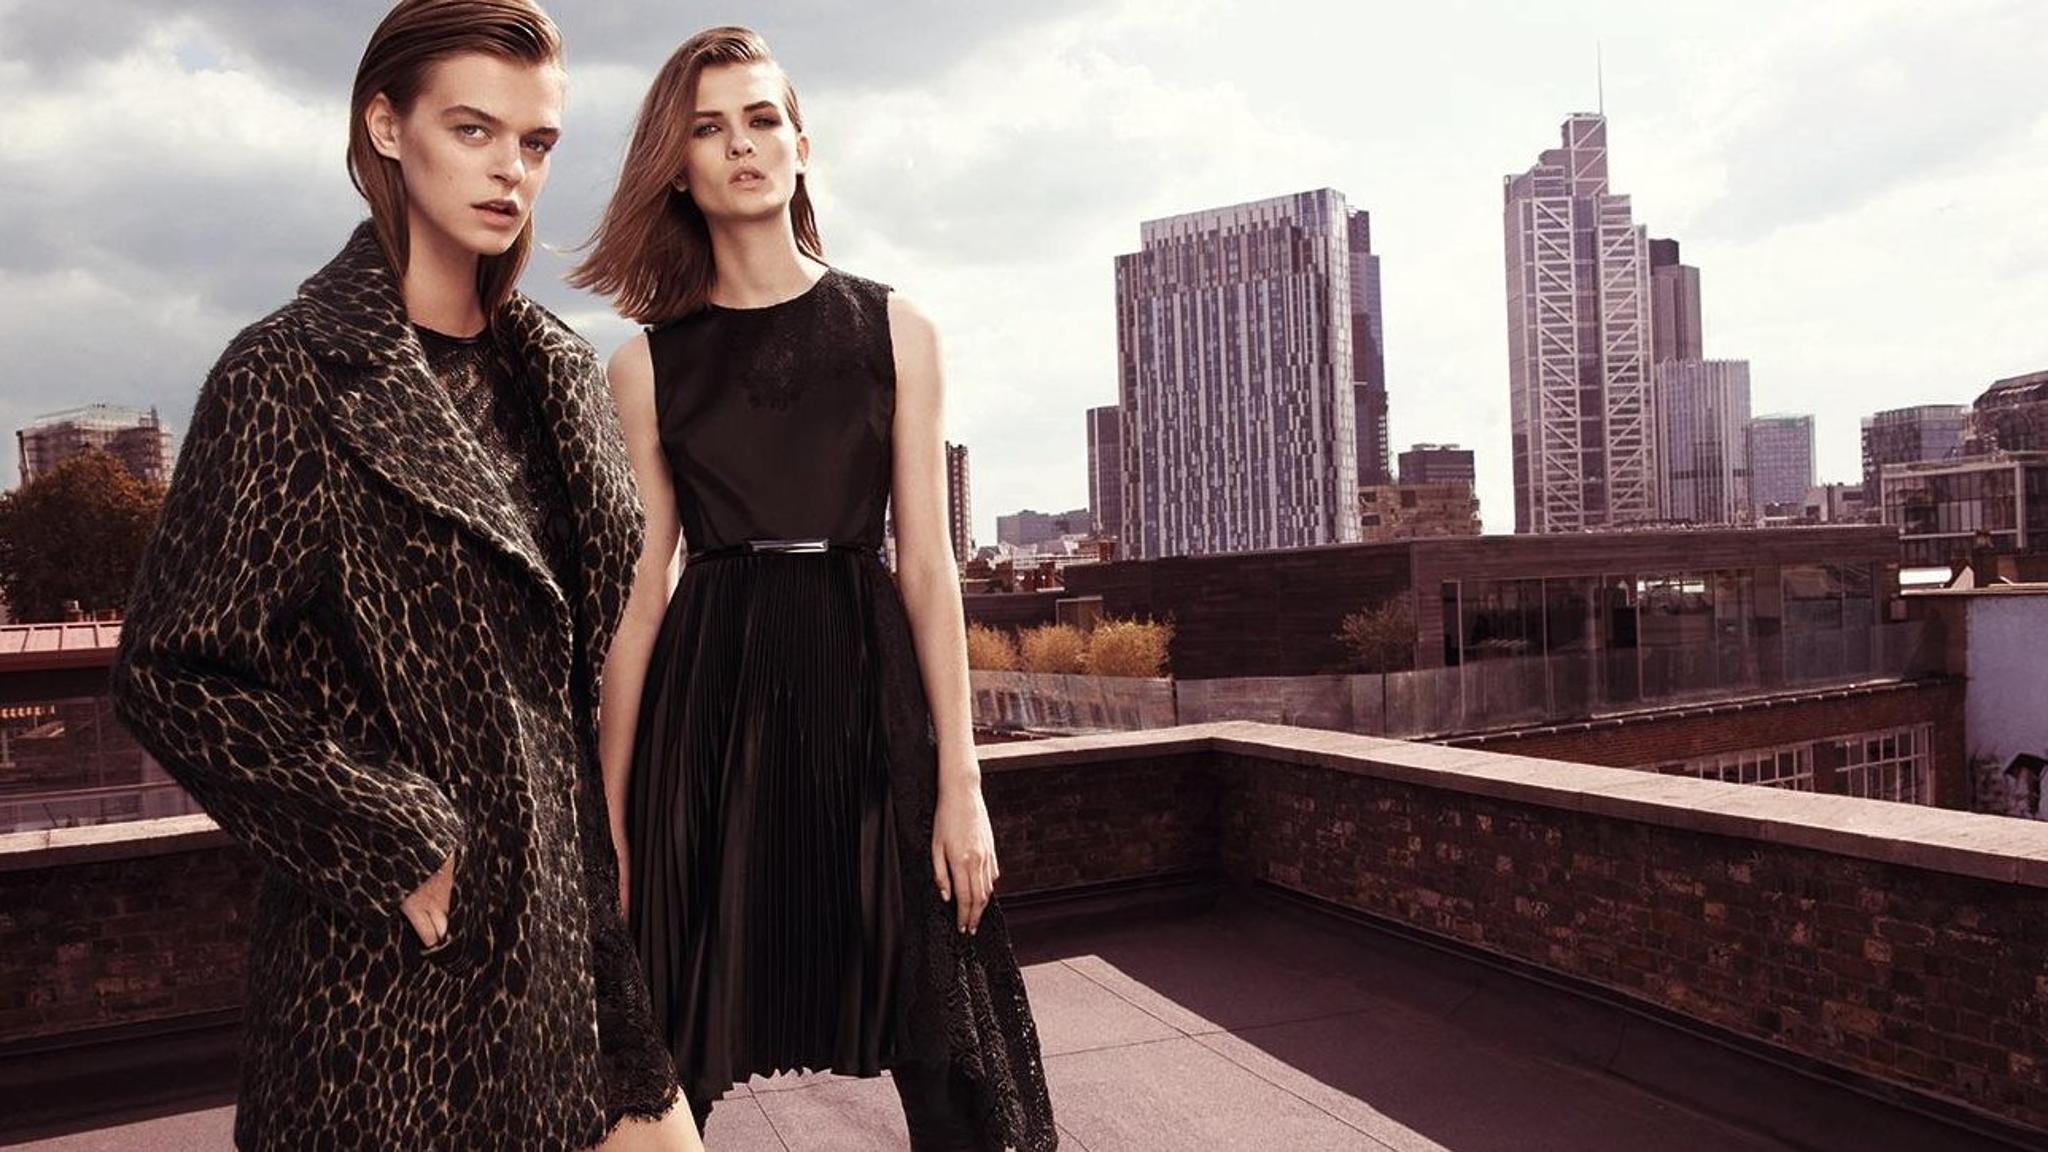 Capital fashions private limited CAPITAL FASHIONS PVT. LTD. in Delhi, Delhi, India - Company